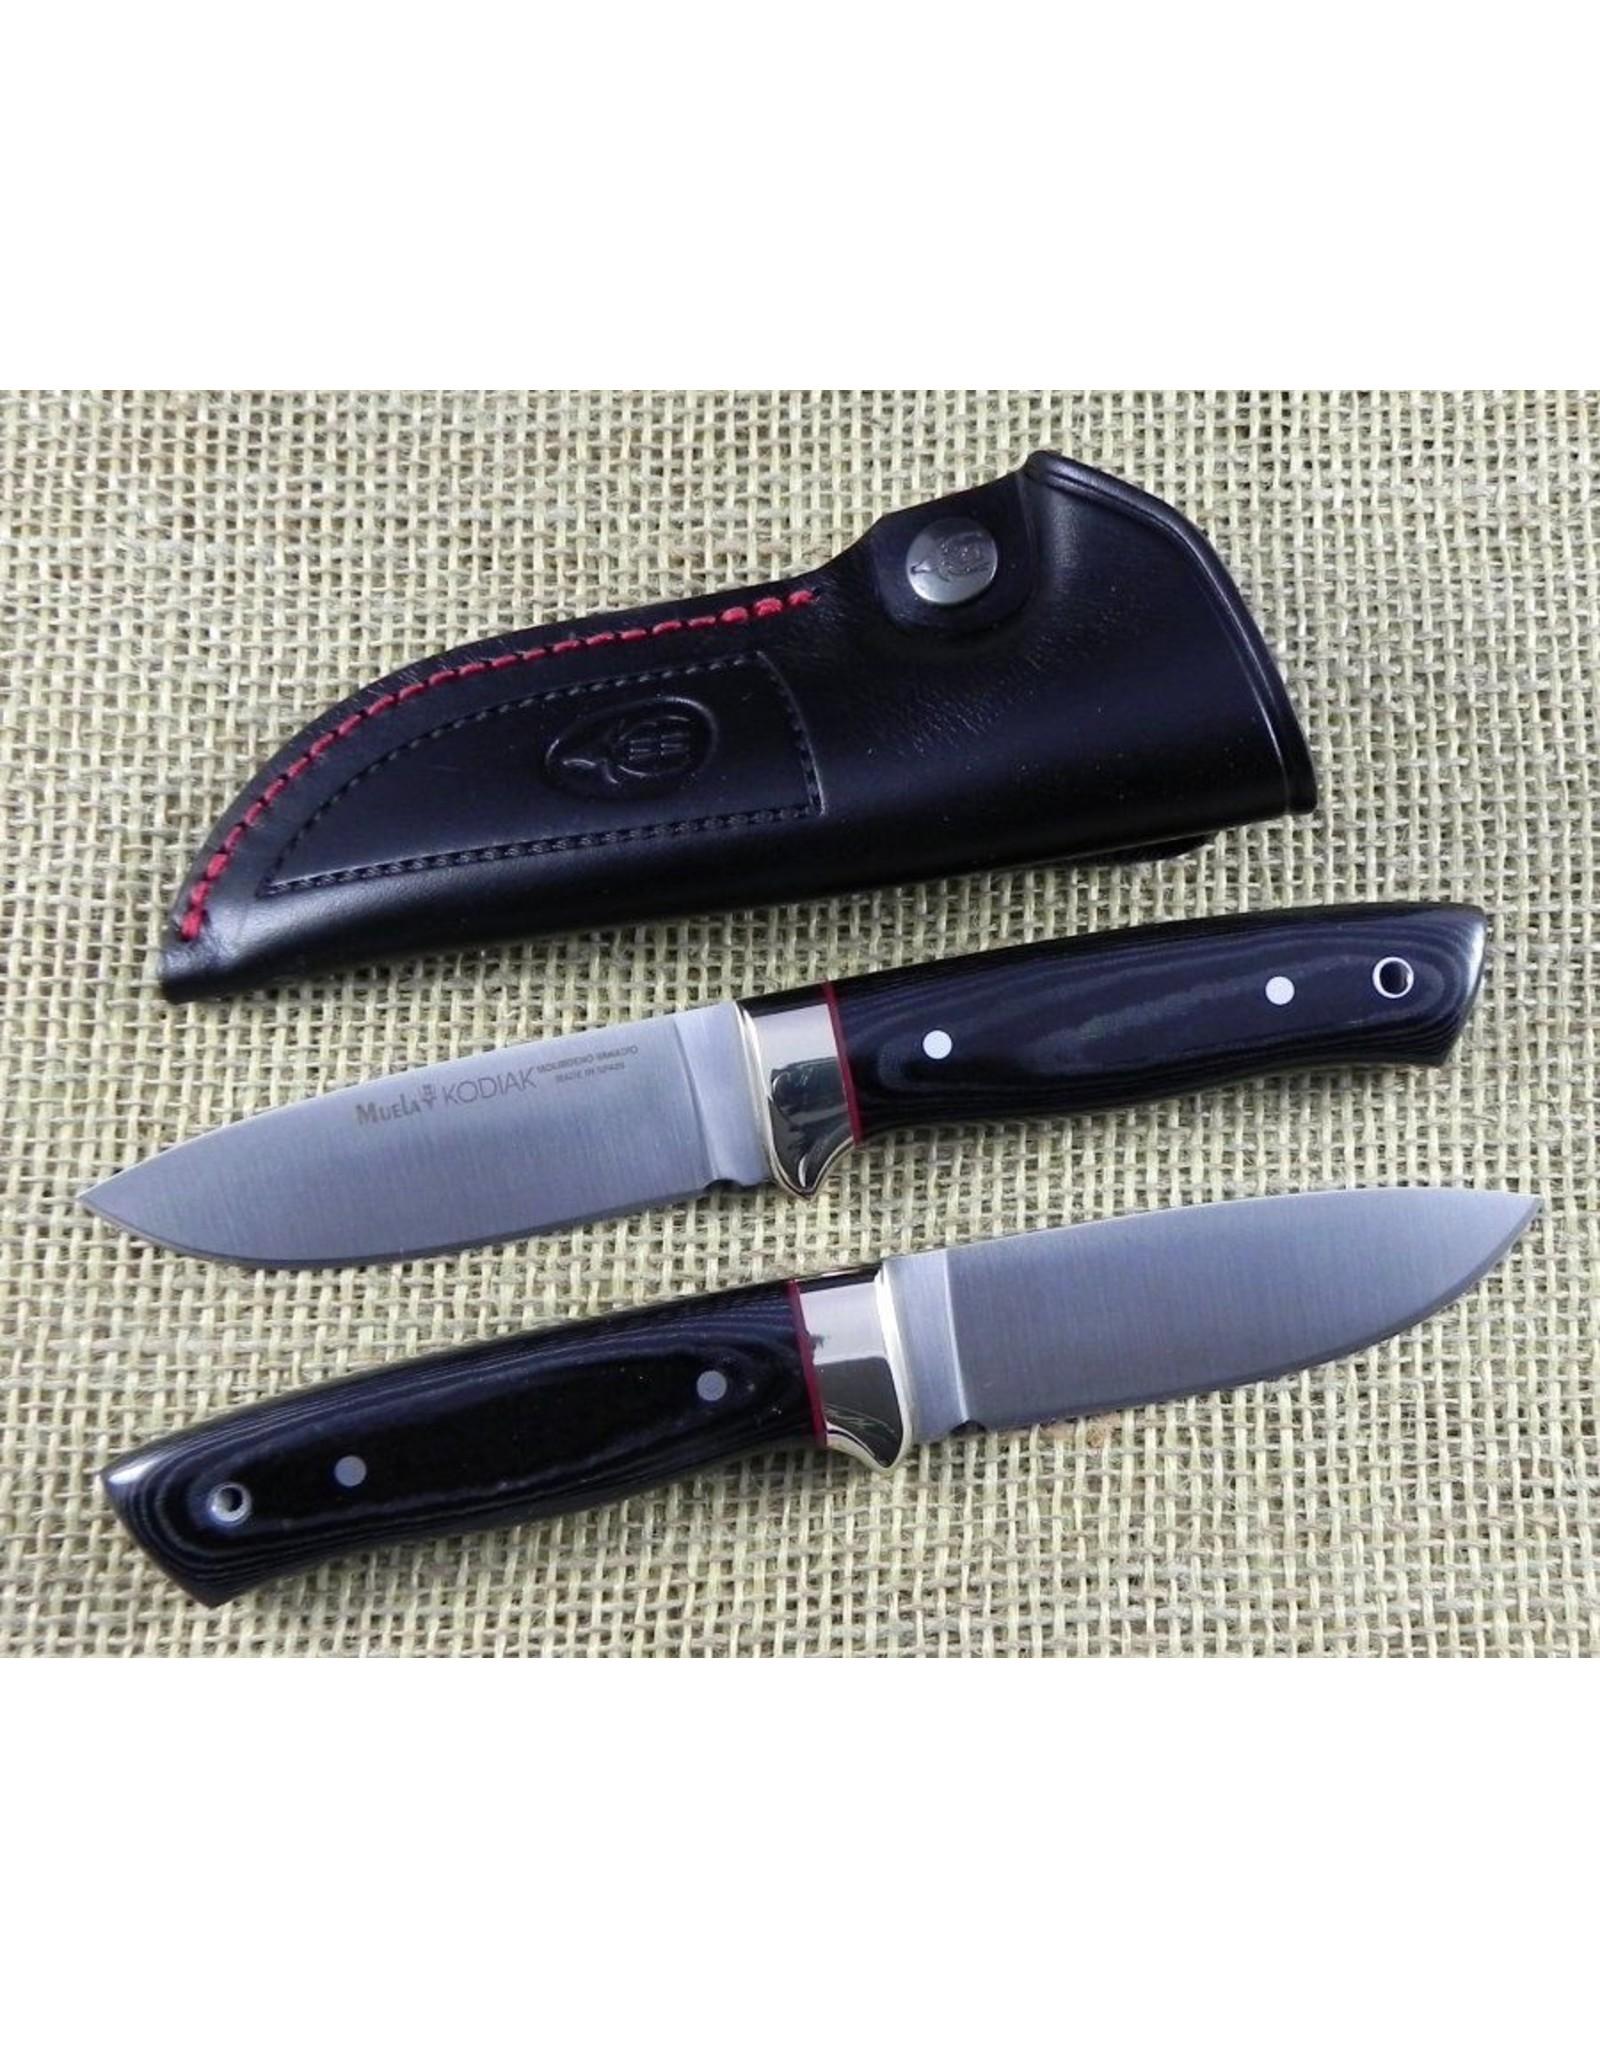 MUELA KODIAK-10M Muela Hunting Knife